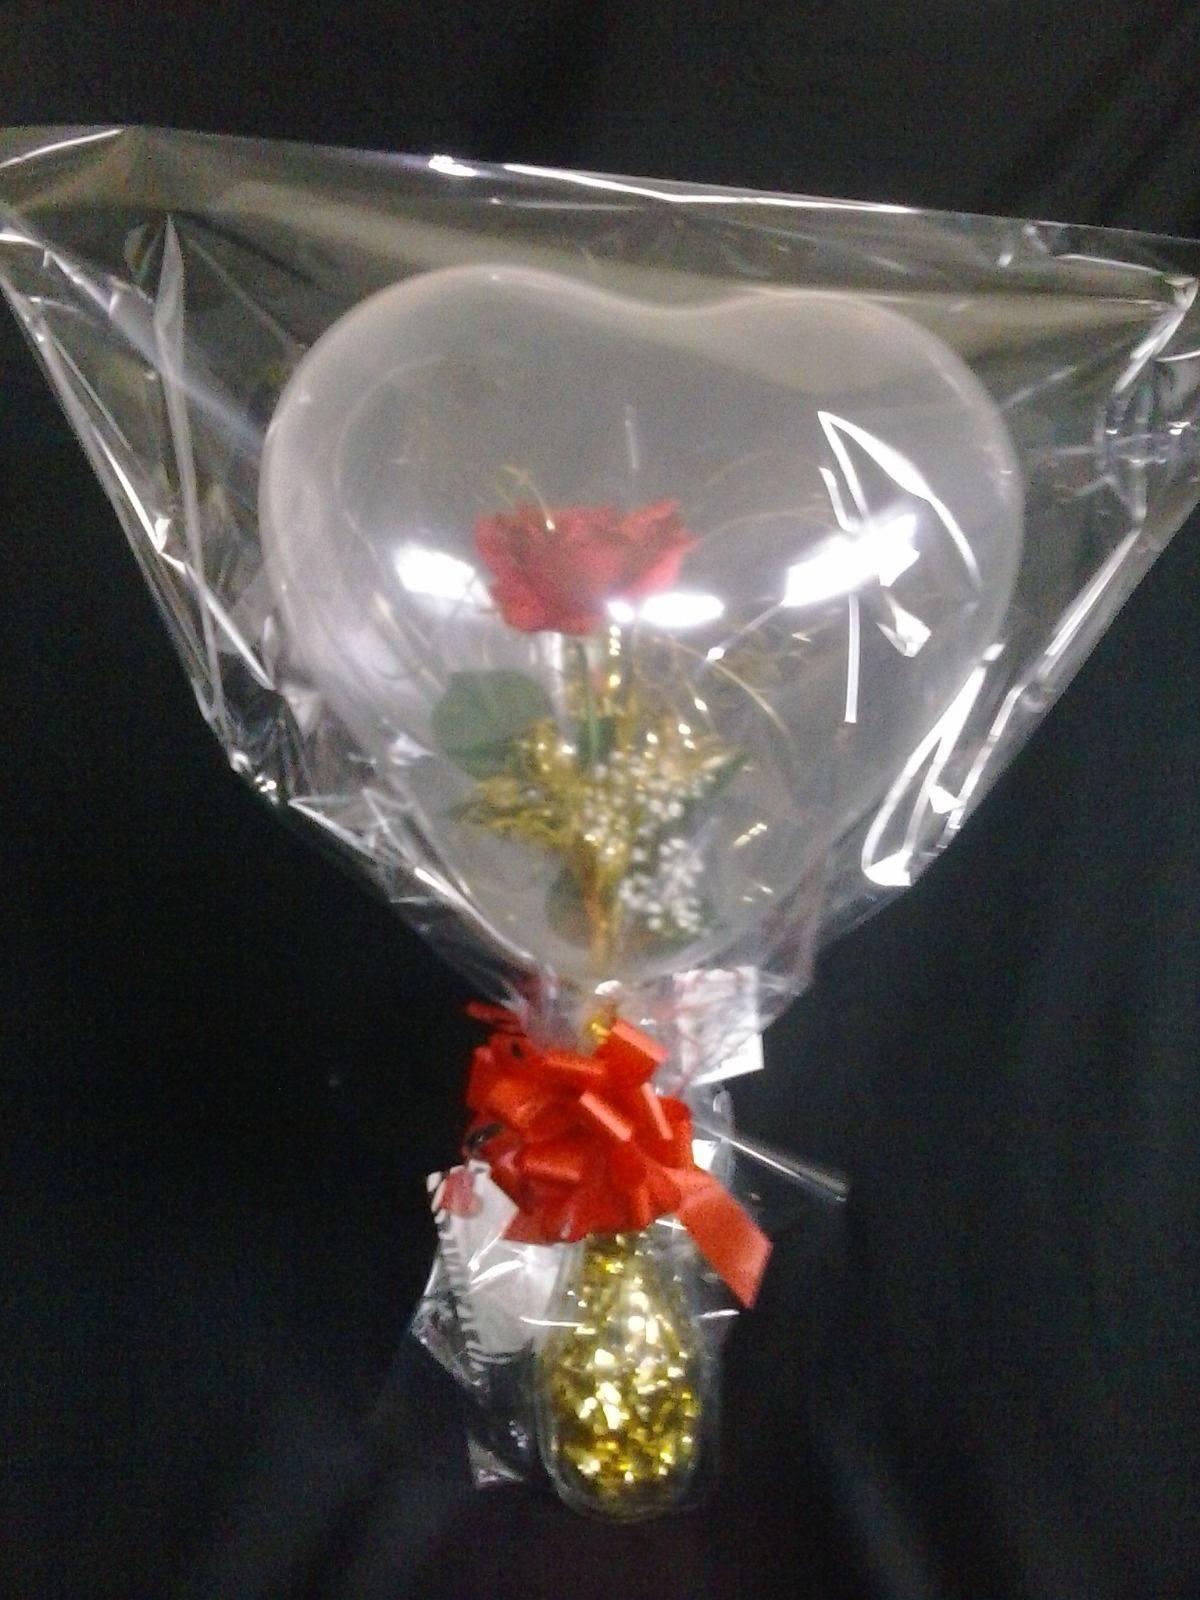 Hava Floral Balloon logo